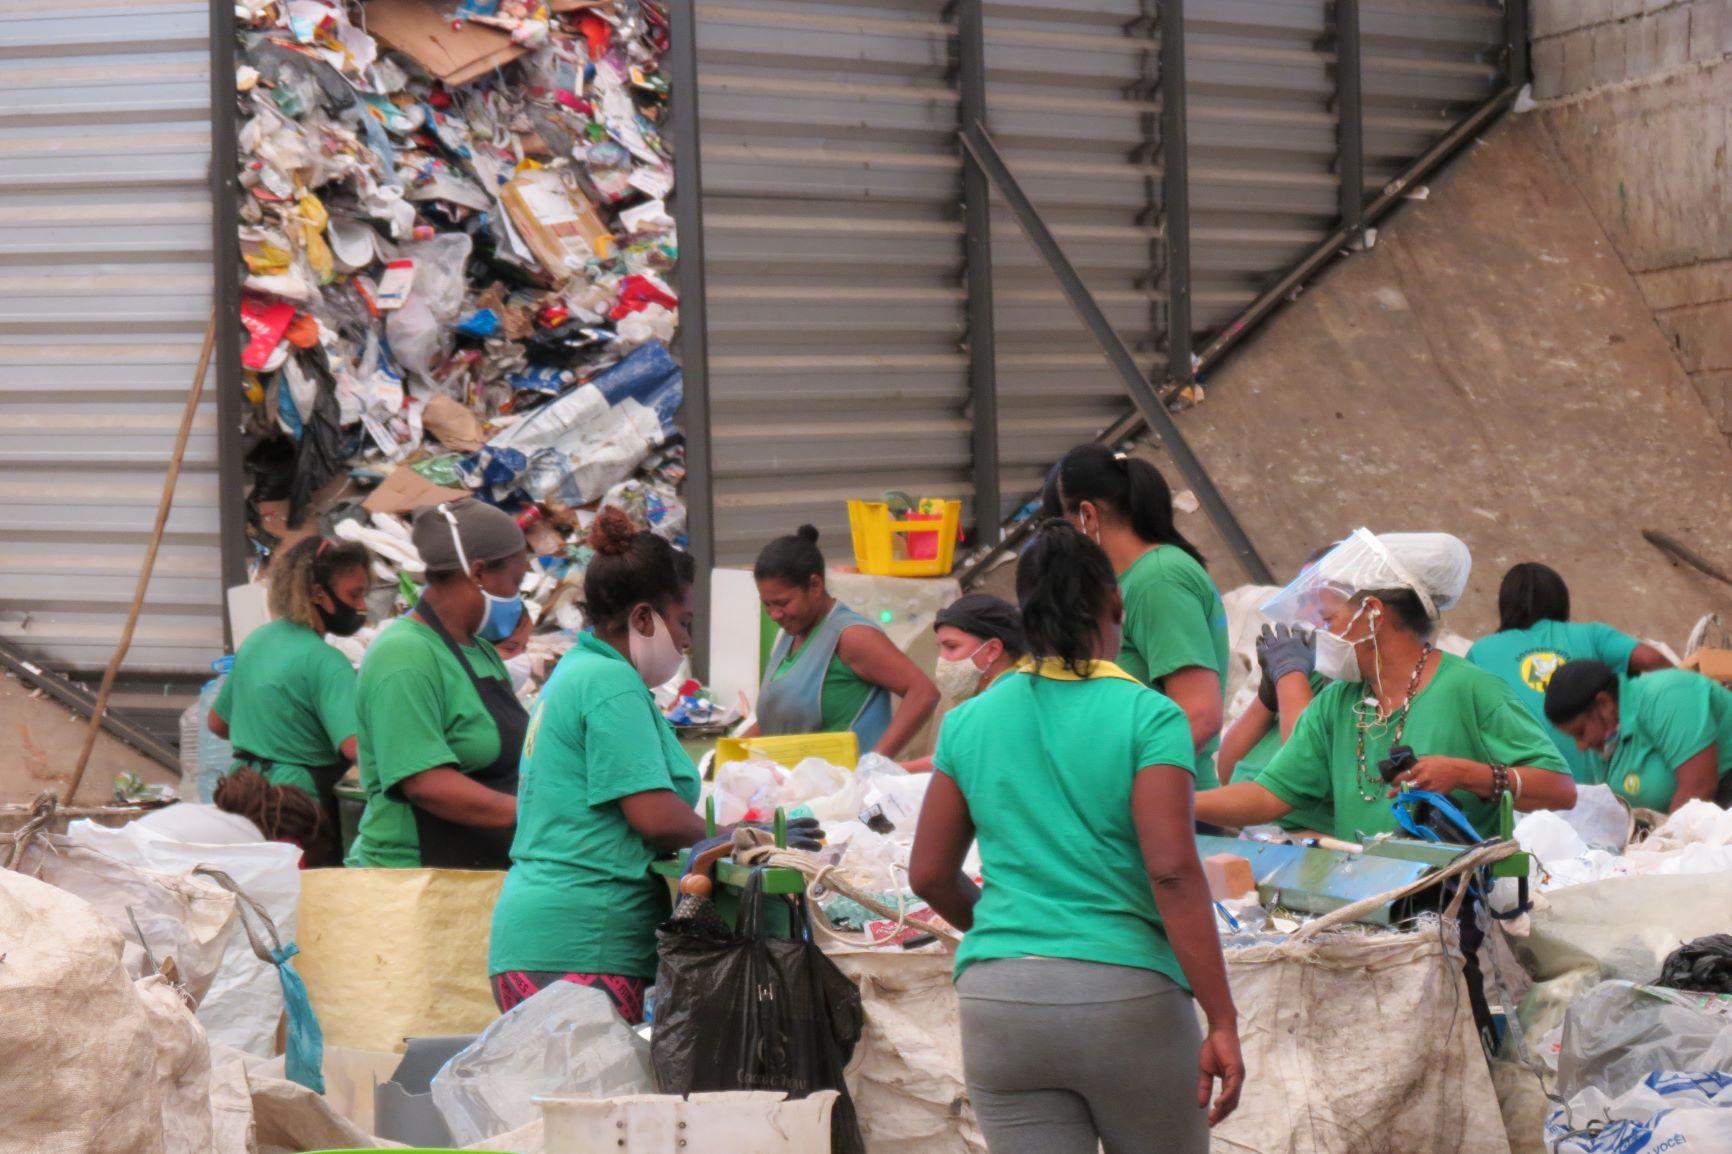 Separação de material para reciclagem em cooperativa de catadores de Belo Horizonte: críticas ao descaso com catadores e outros envolvidos na reciclagem (Foto: Juliana Gonçalves)